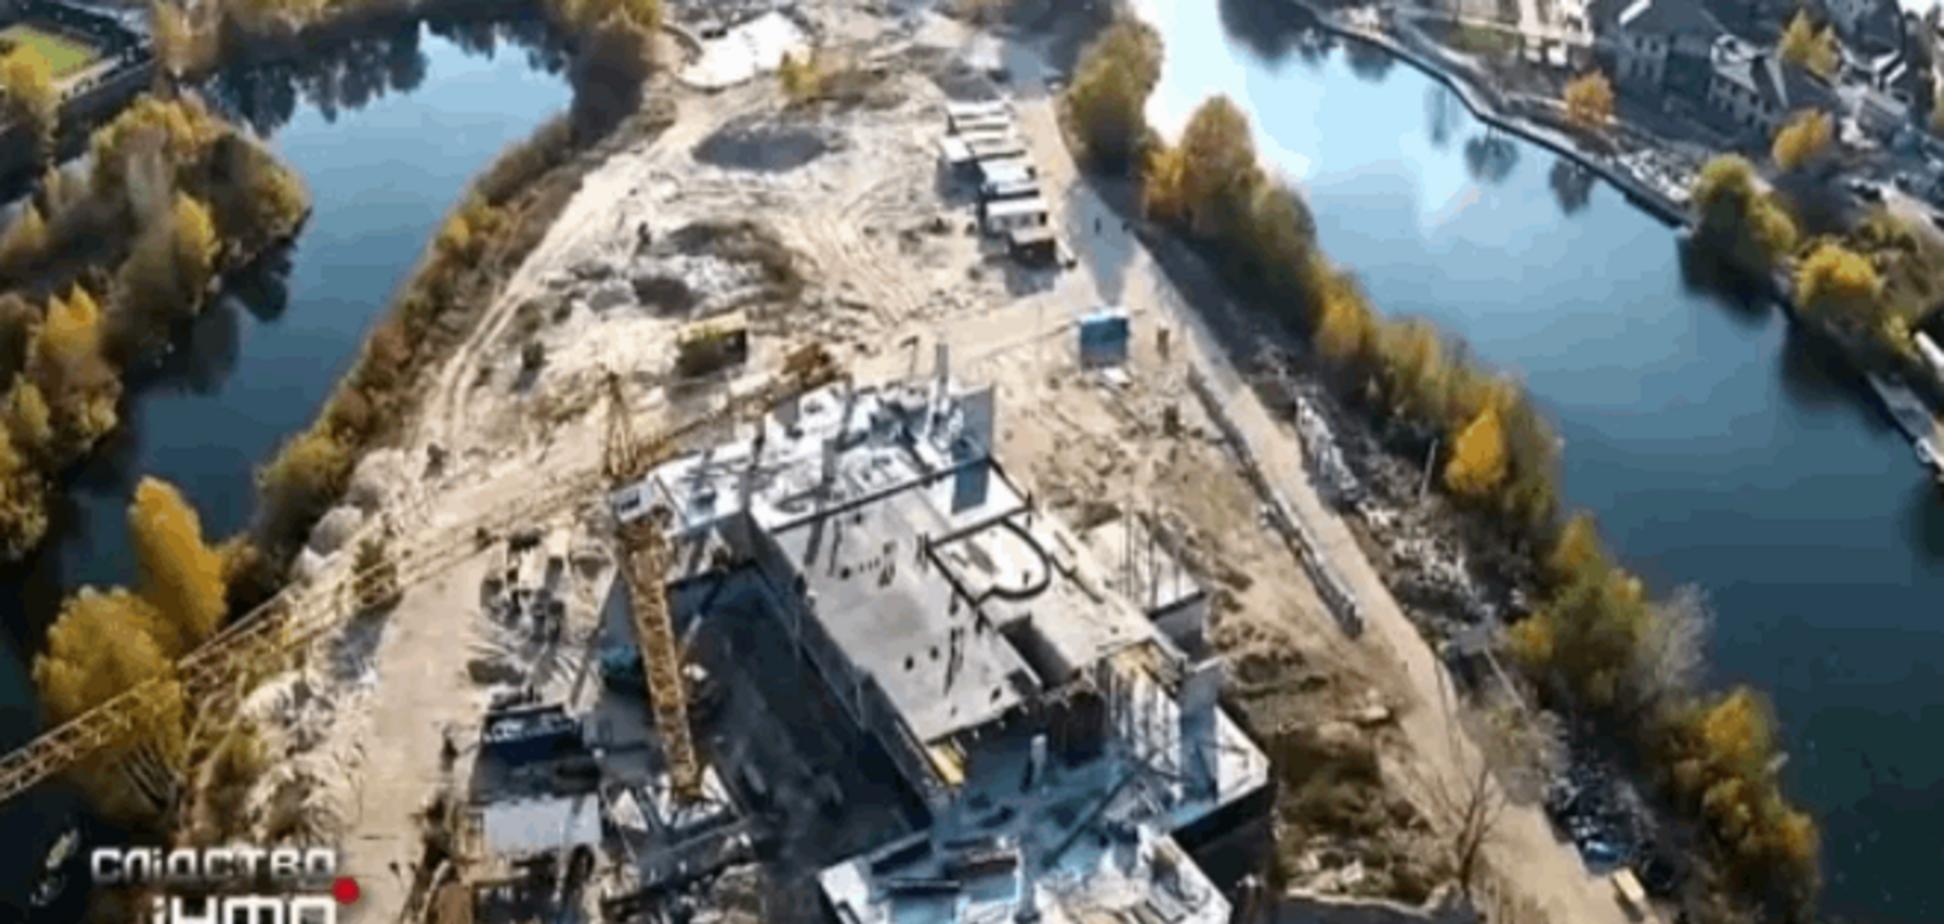 Золотые гектары: журналисты нашли под Киевом элитные имения украинских вельмож